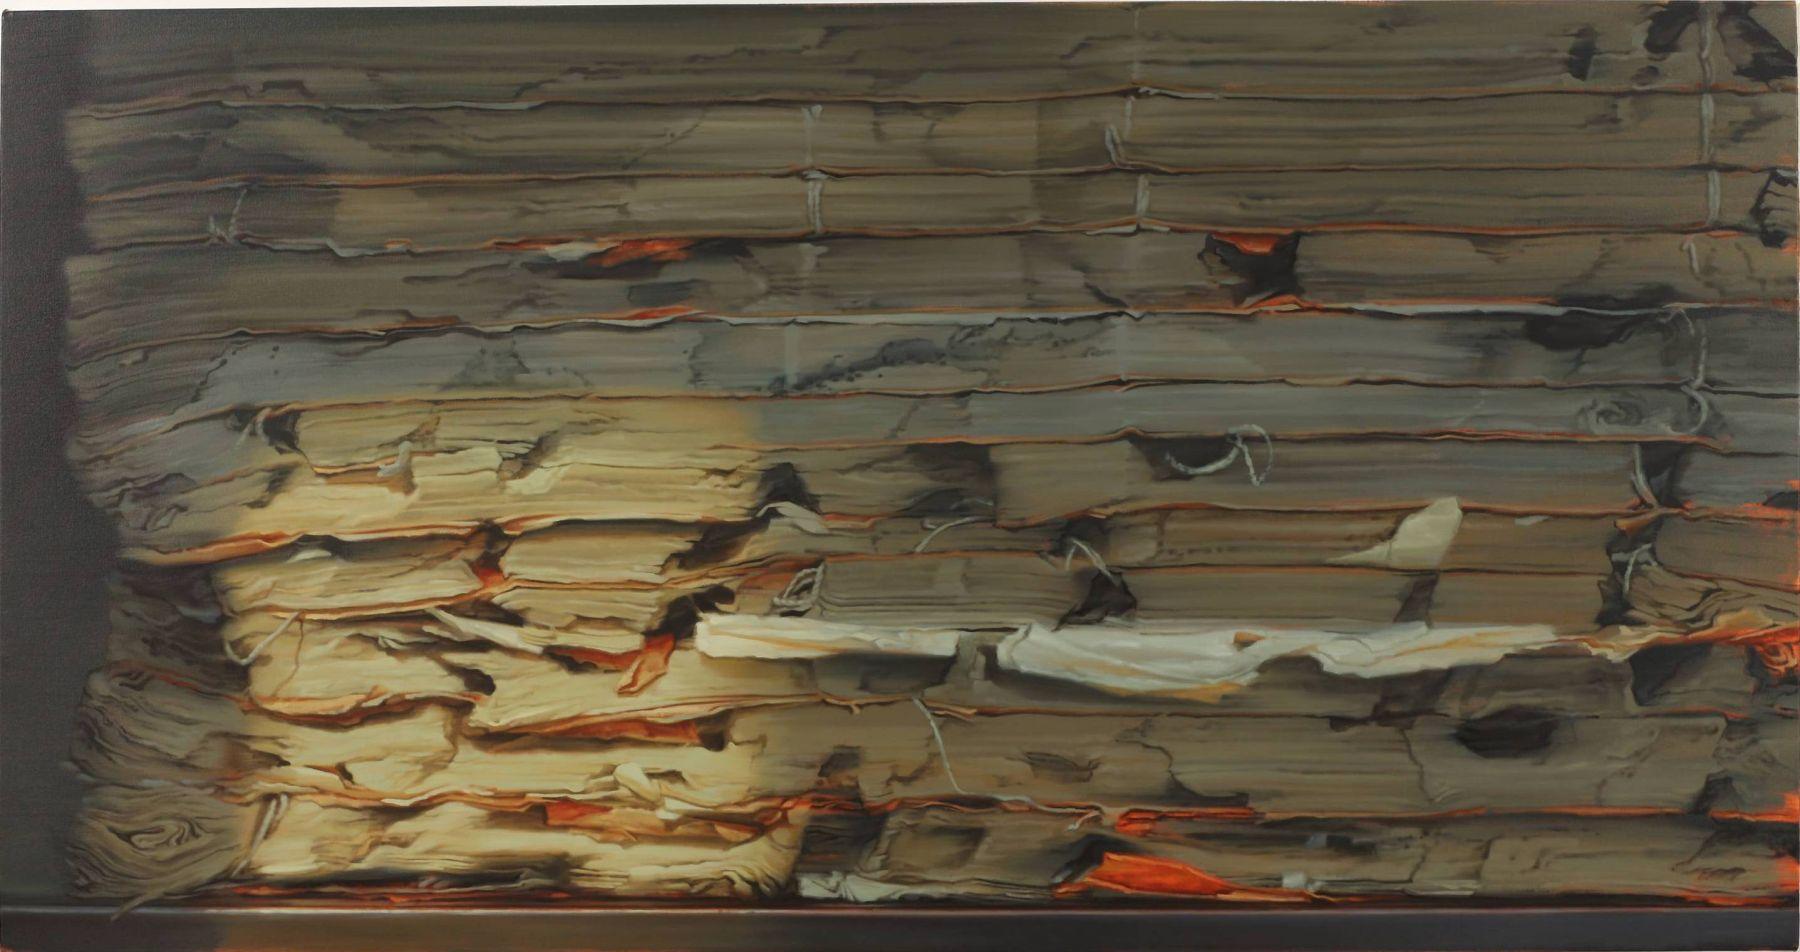 Chinese Library No. 43ä¸å›½å›¾ä¹¦é¦†43号